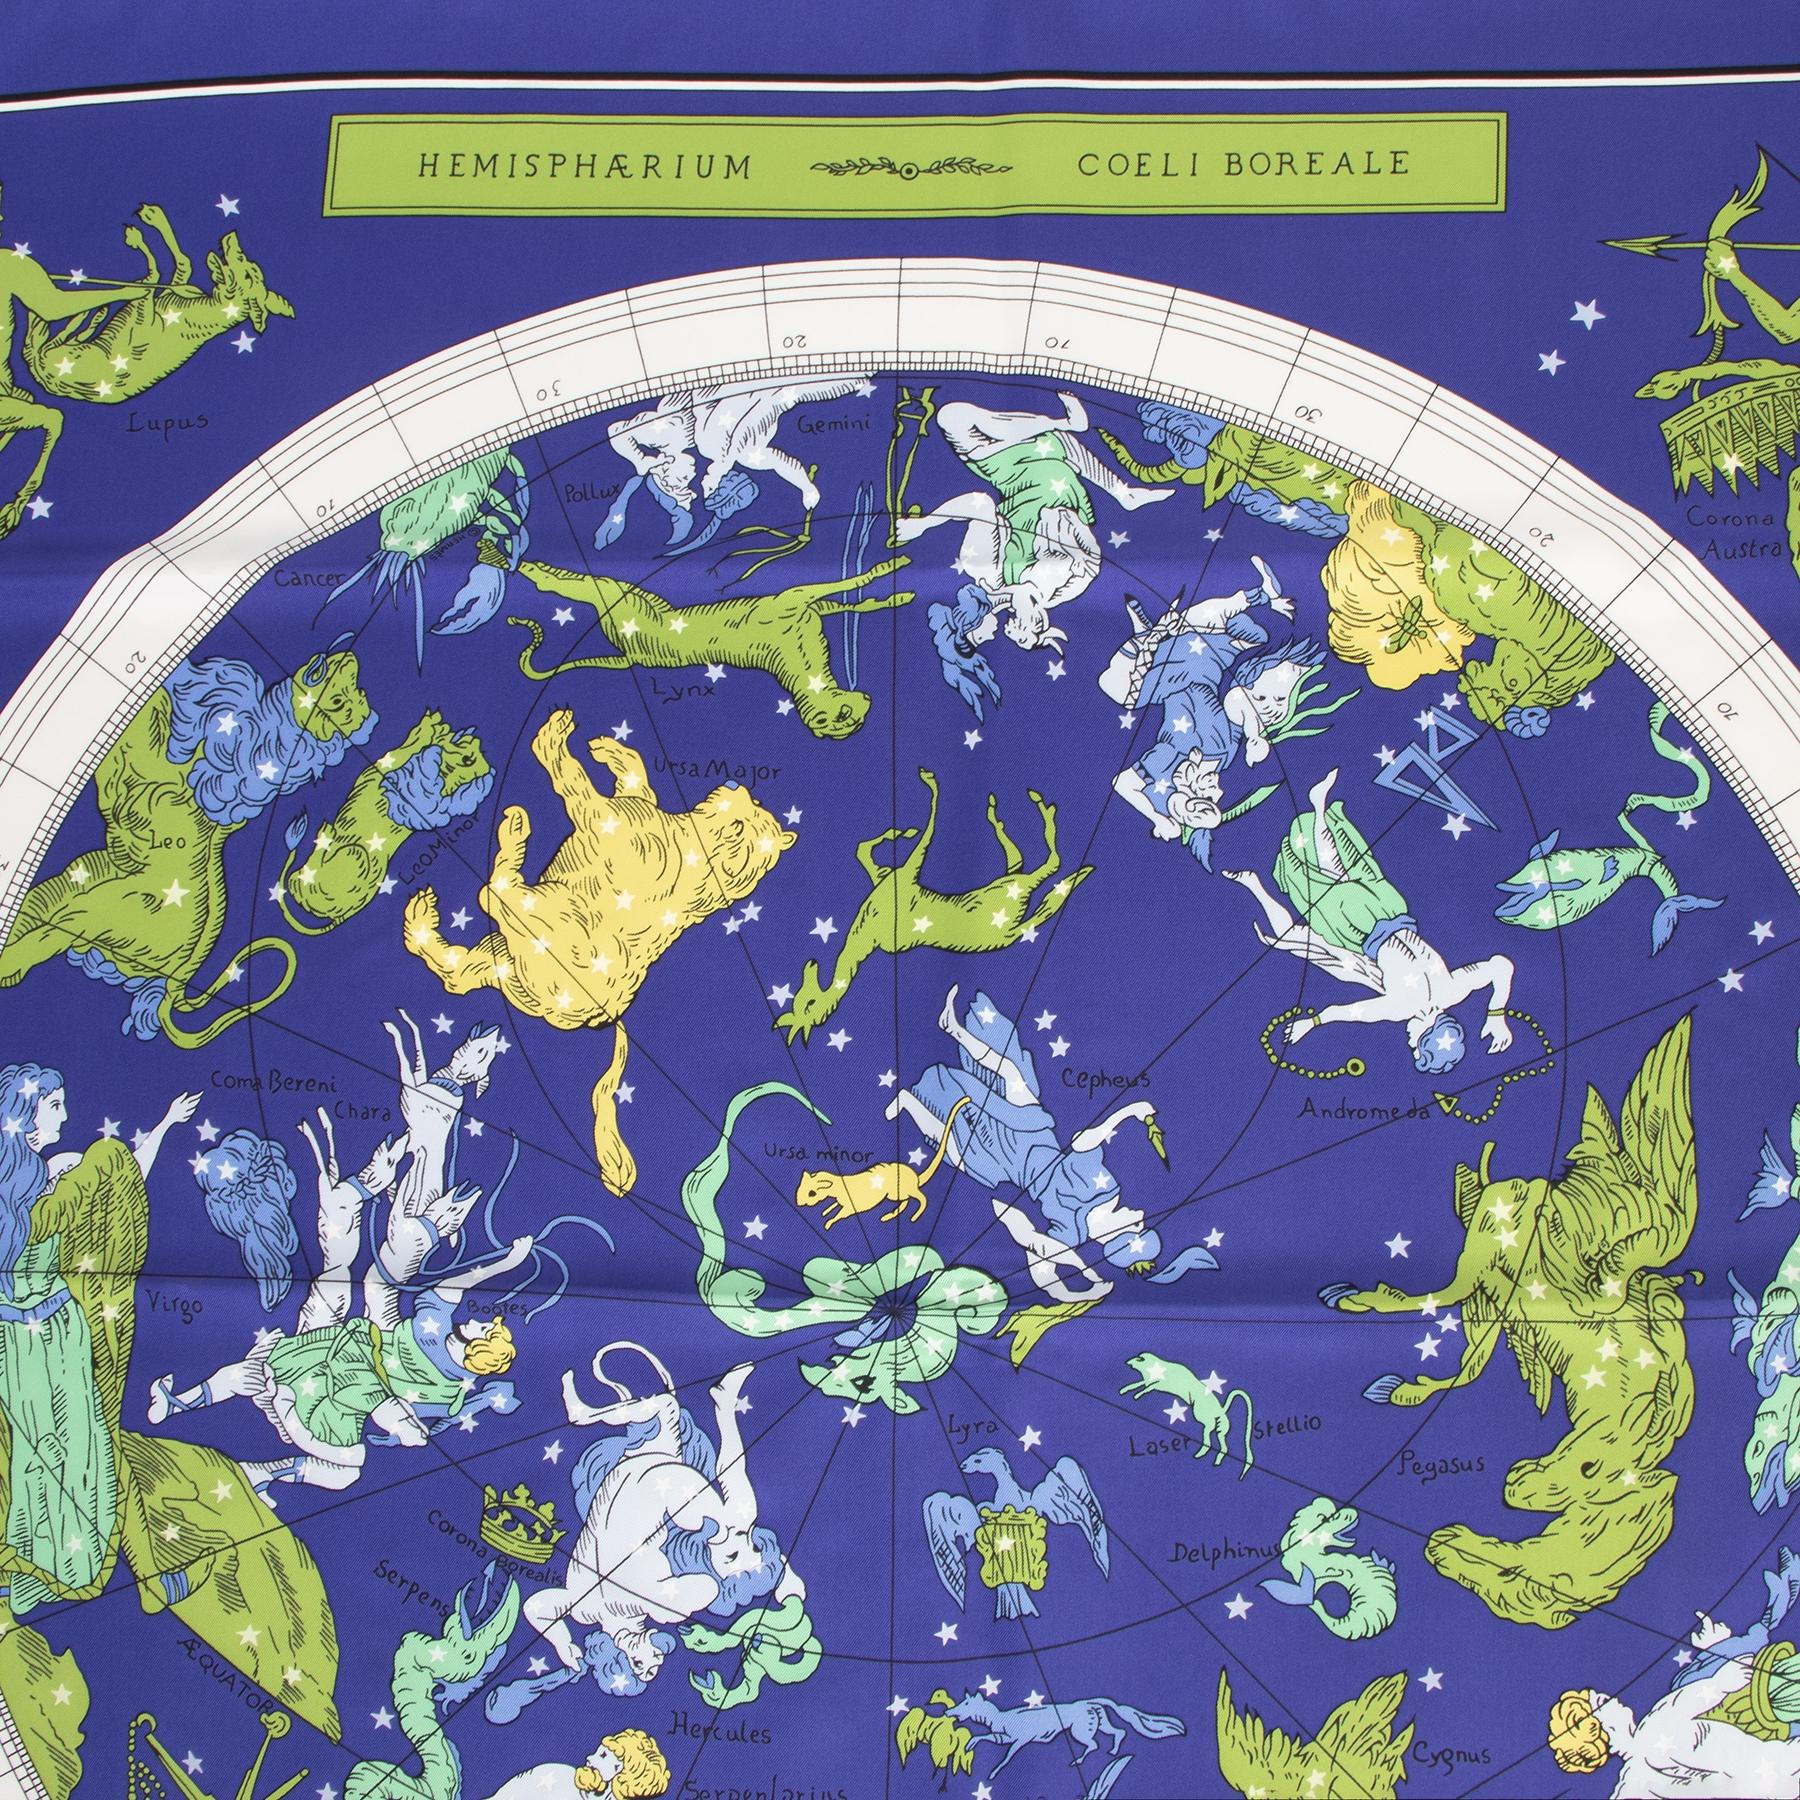 Koop authentieke tweedehands Hermès Cobalt Green Zodiac Hemisphaerium Coeli Boreale sjaals voor de juiste prijs bij LabelLOV